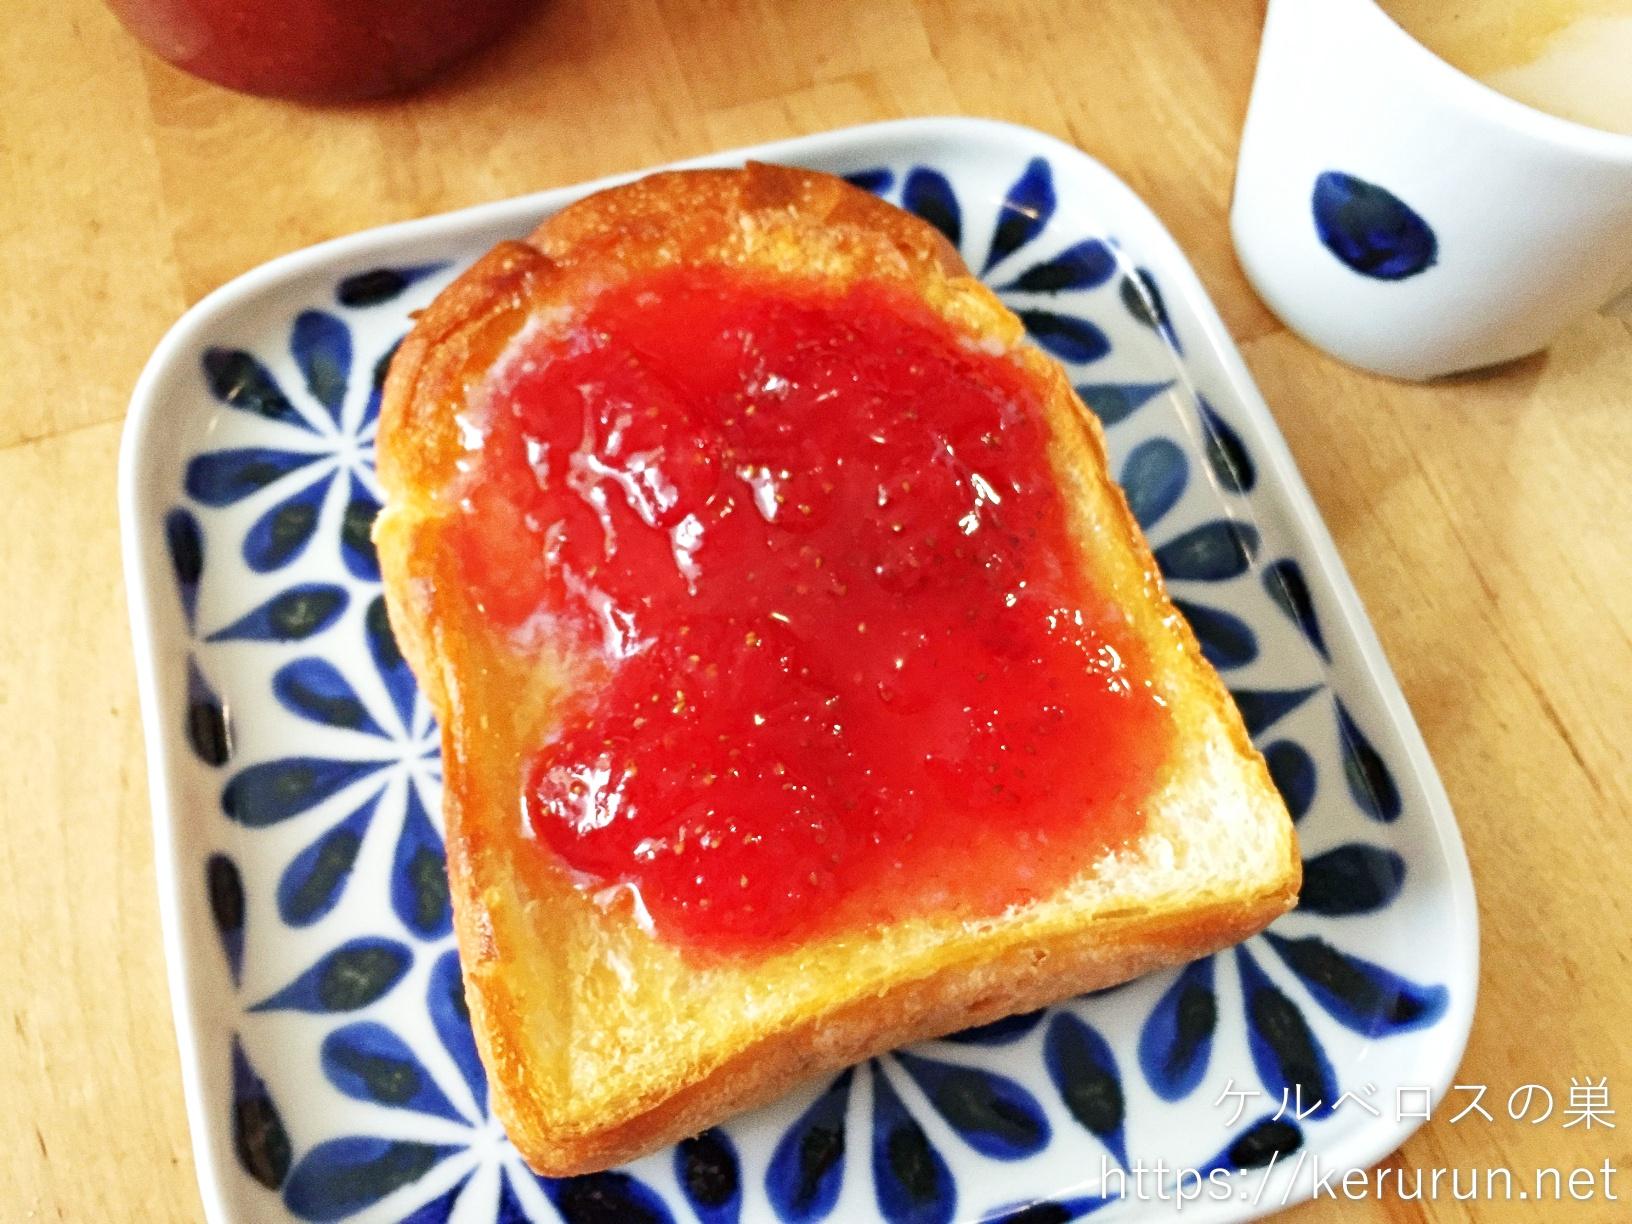 ジャムバタートーストの朝ごはん